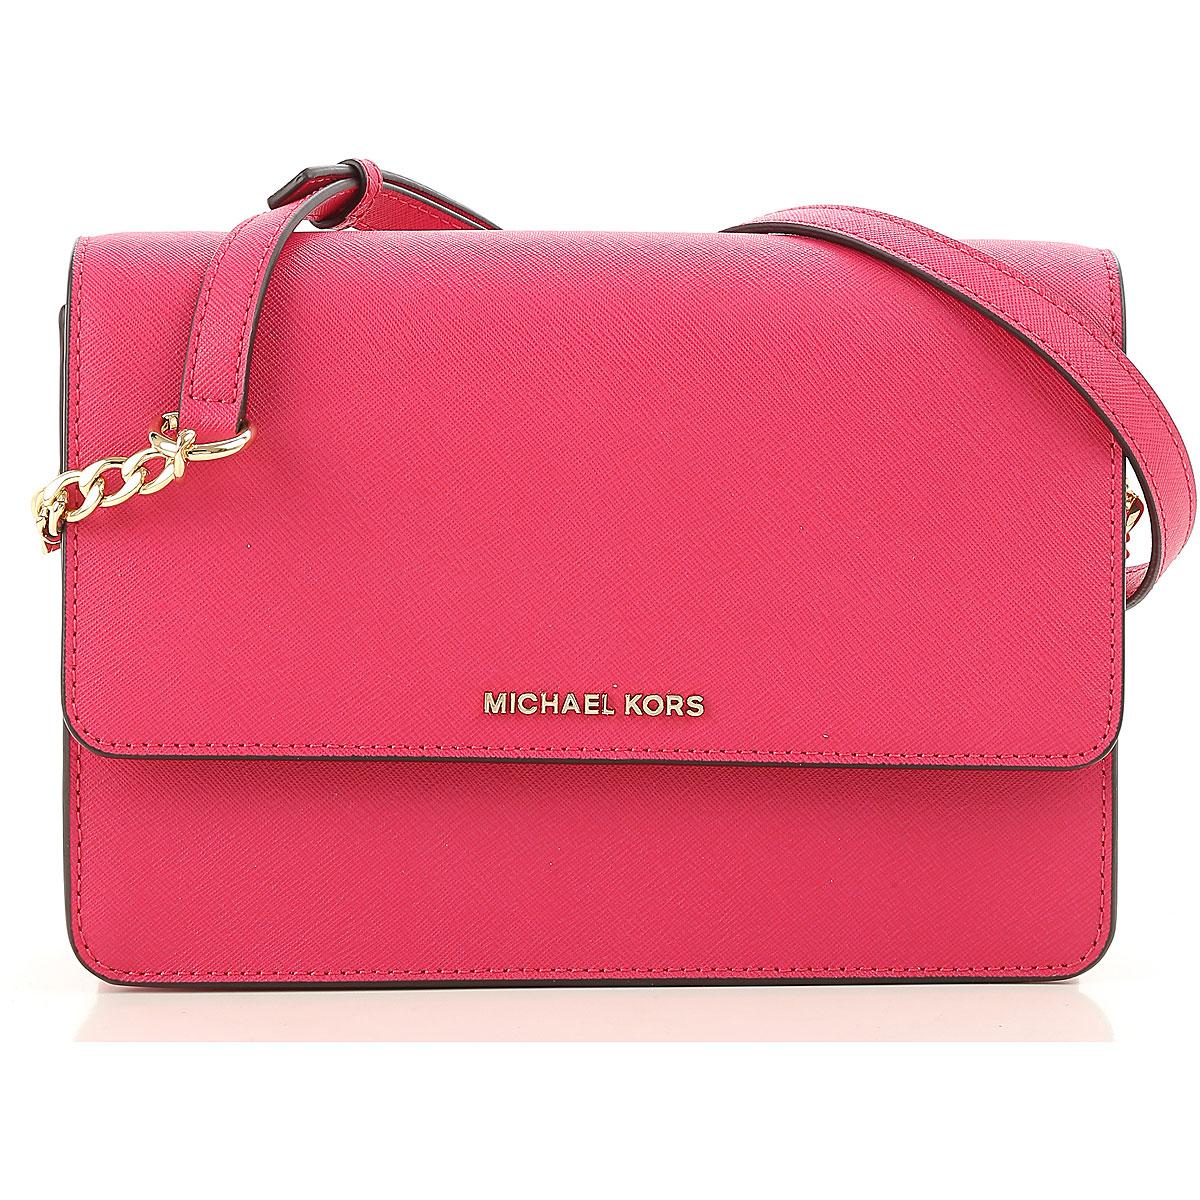 Michael Kors Shoulder Bag for Women, Ultra Pink, Leather, 2019